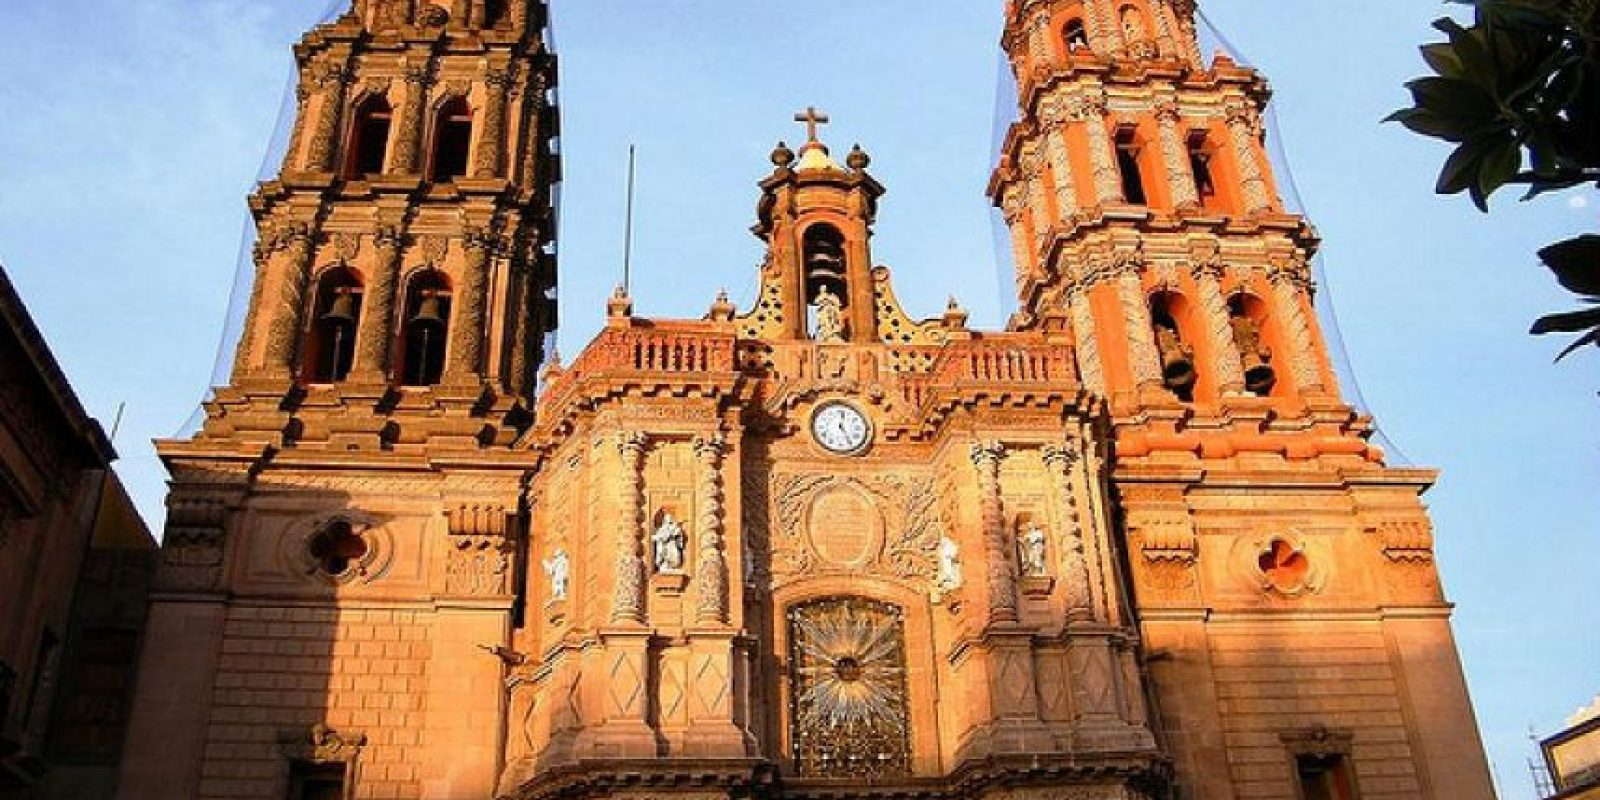 SAN LUIS POTOSÍ. Cuenta con una estabilidad económica y política que ha propiciado la inversión extranjera y nacional. Foto:Cortesía Propiedades.com